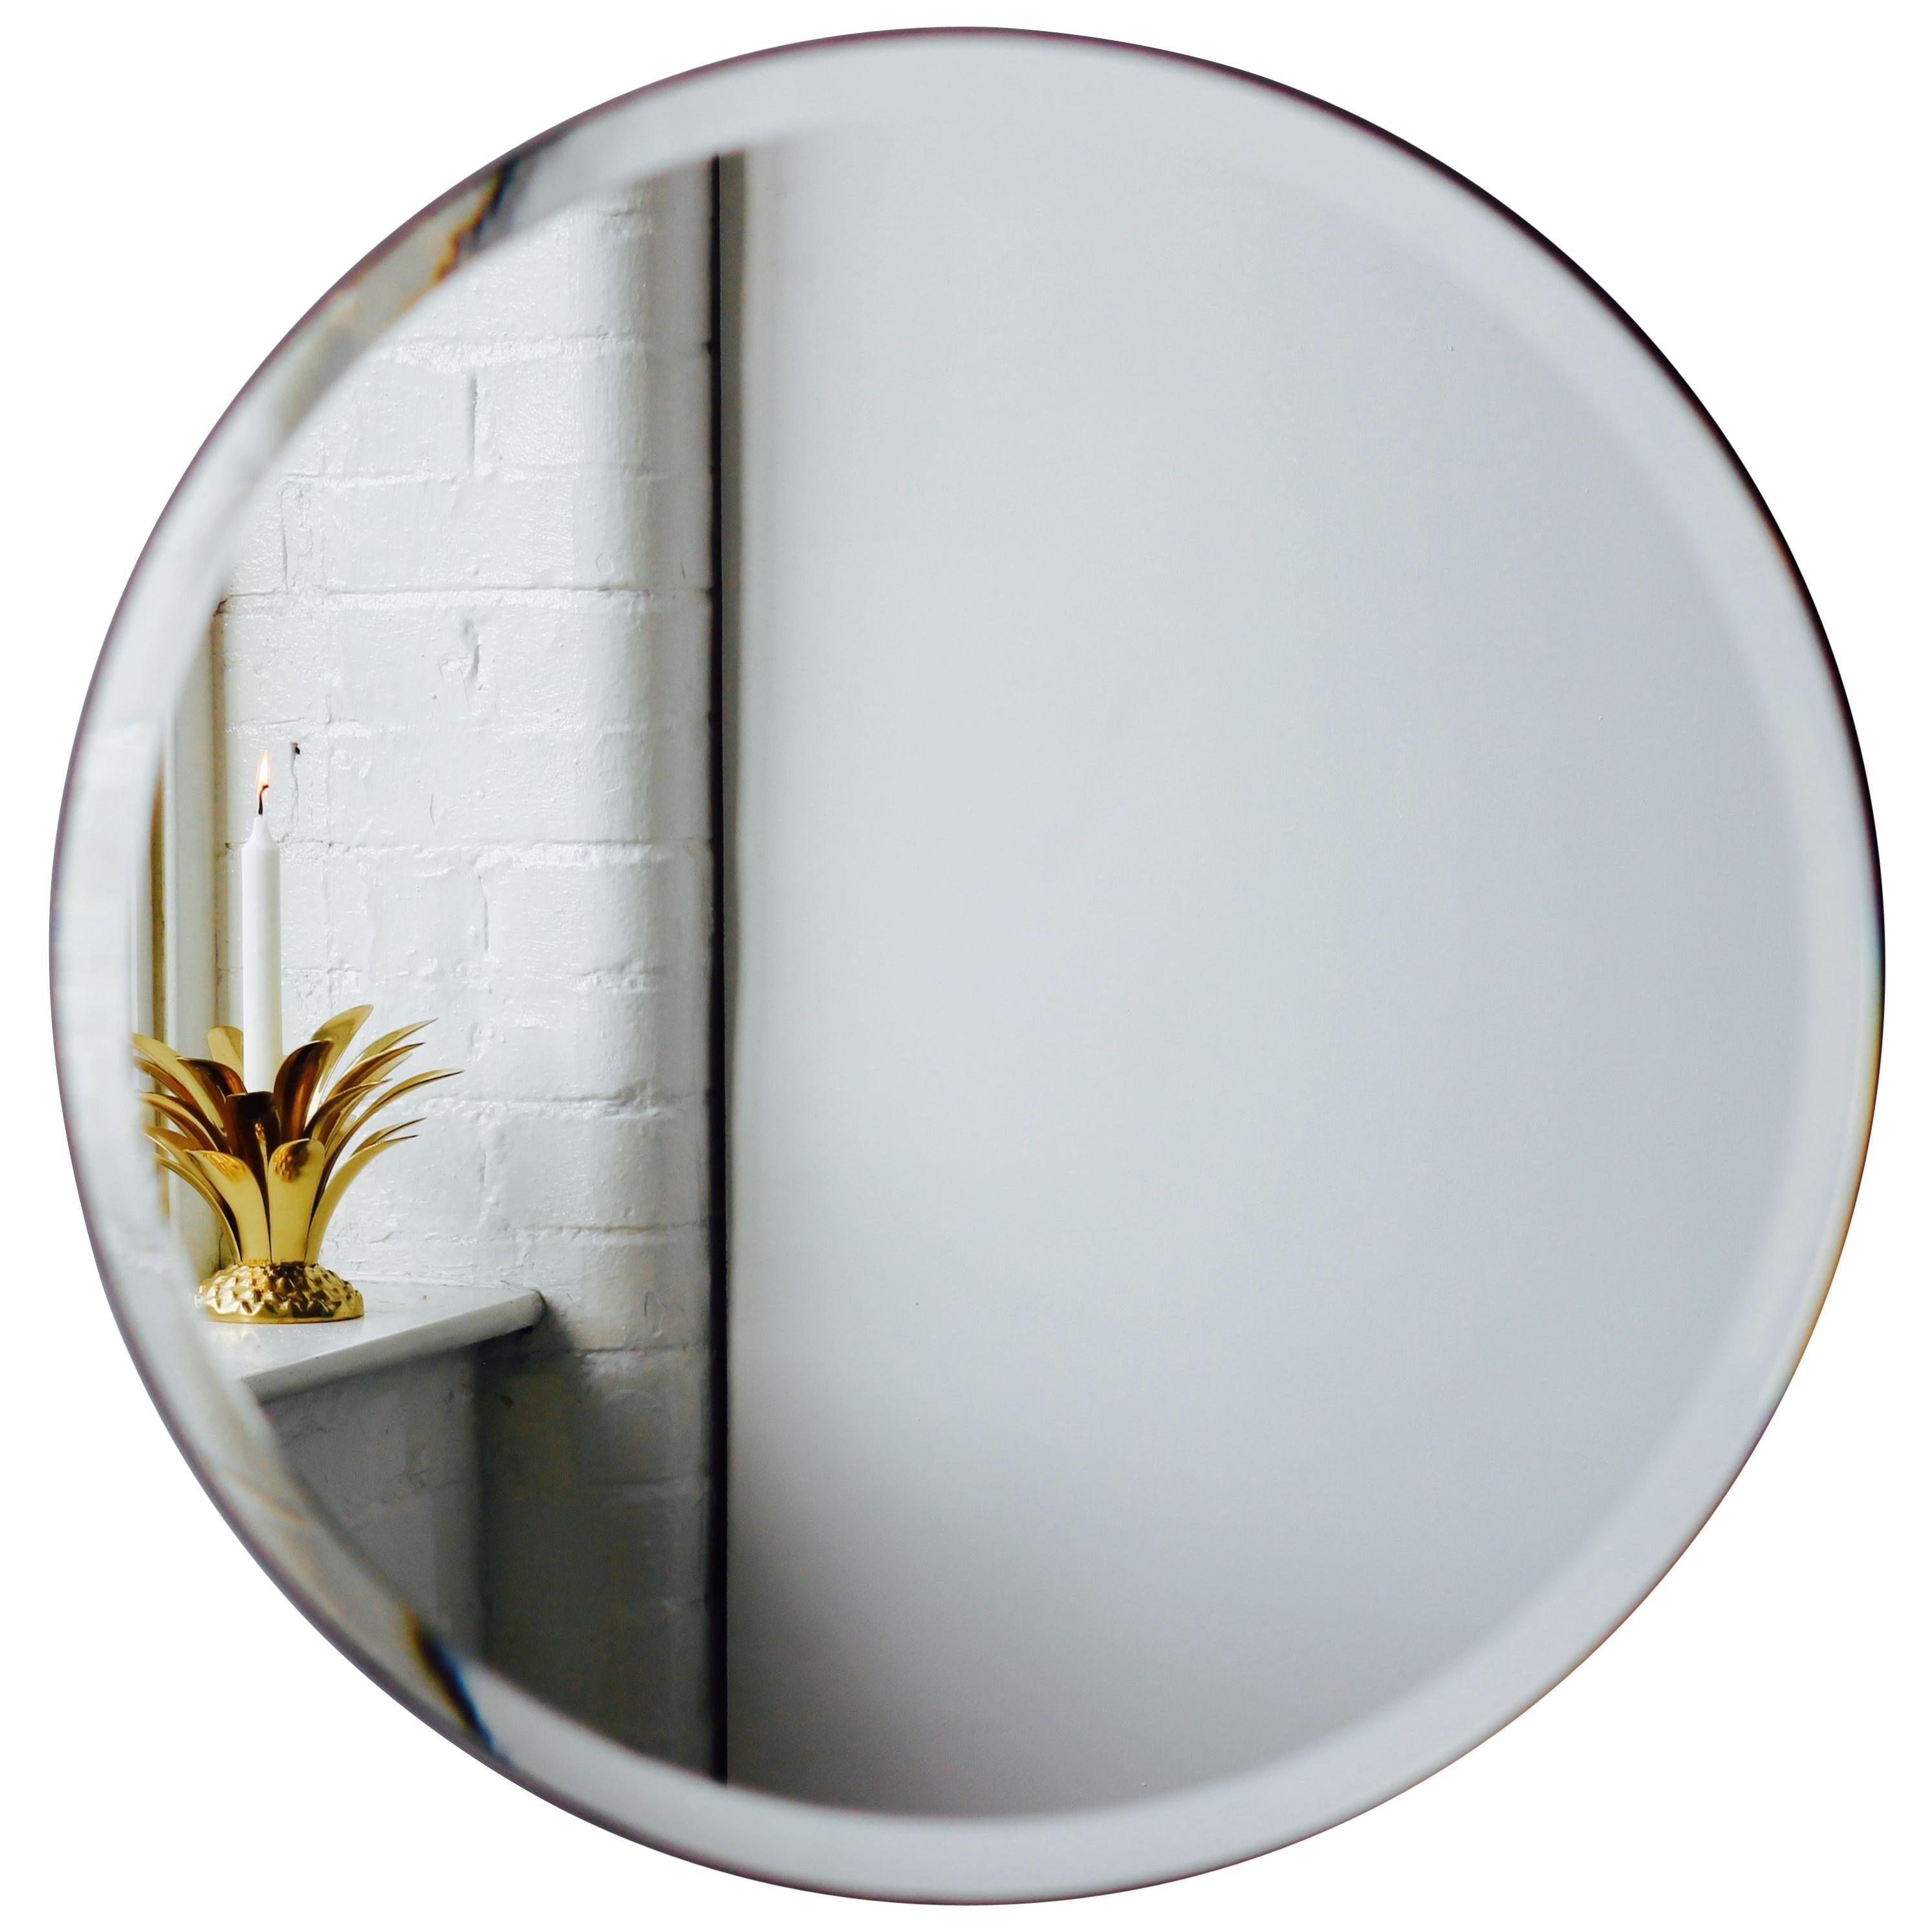 Orbis™ Round Frameless Beveled Mirror with Velvet Backing - Small